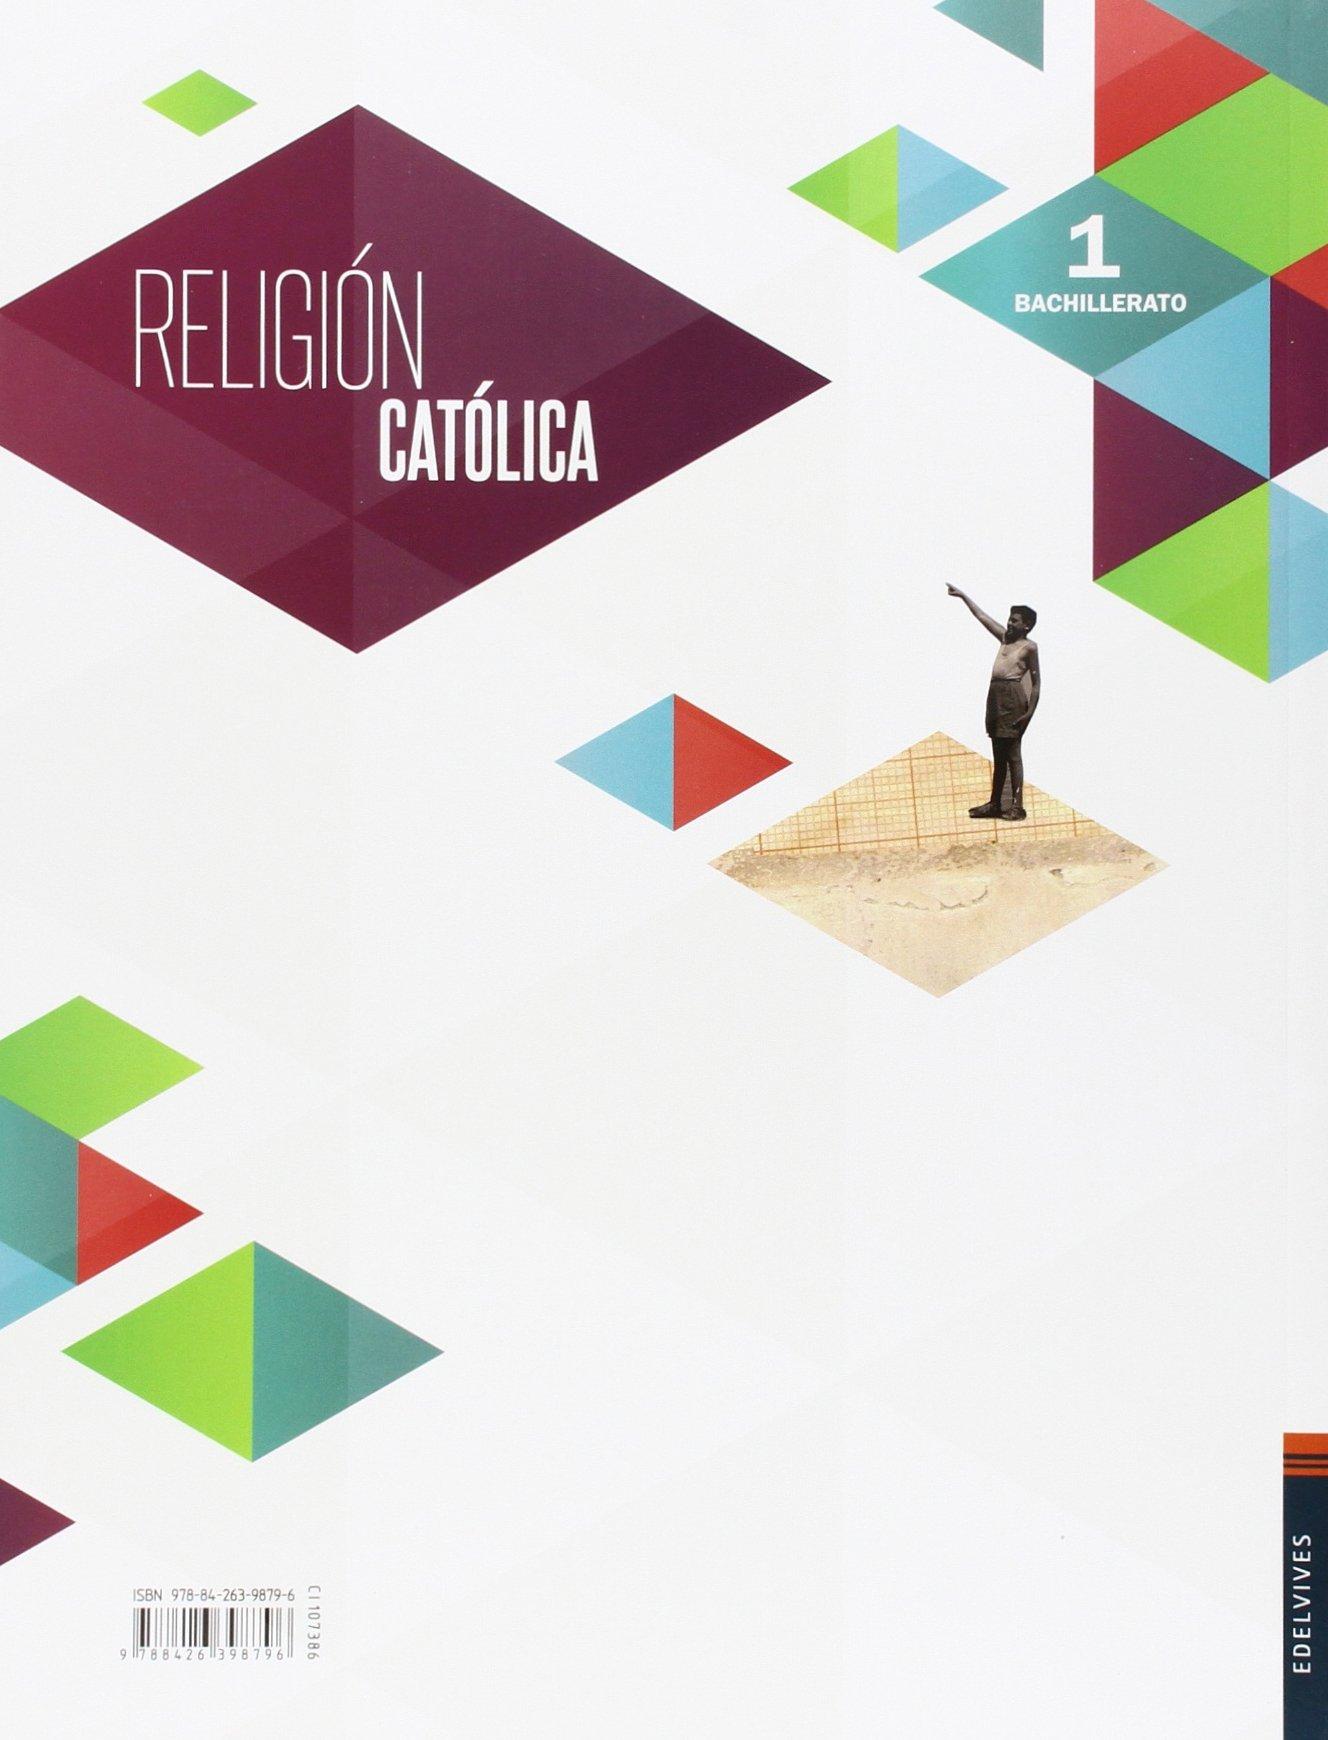 Religión Católica 1º Bachillerato Ágape - 9788426398796: Amazon.es: Equipo Hesed: Libros